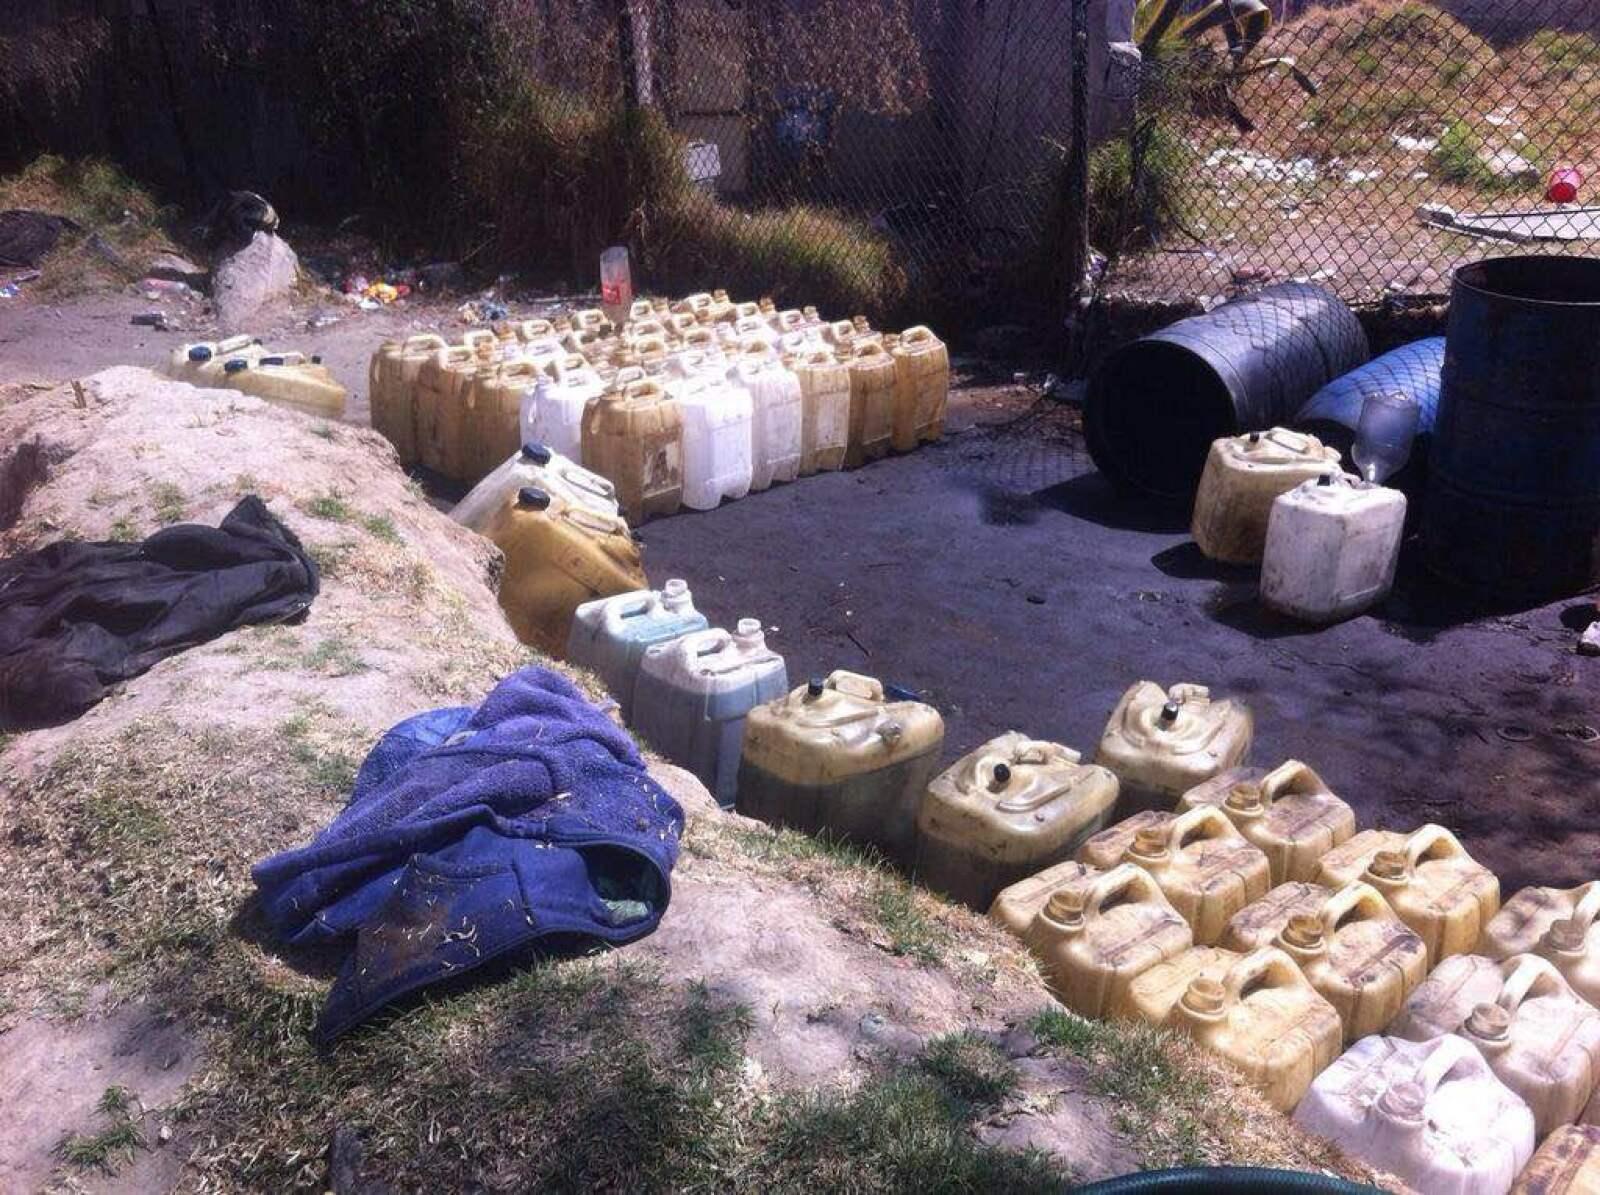 En un operativo por la PGR y Policía Federal en Santa Rita Tlahuapan, fueron ubicados cientos de galones llenos de gasolina robada en un predio baldío desde donde presuntamente se comercializaba el producto. Fueron detenidas dos personas. Julio 2015.